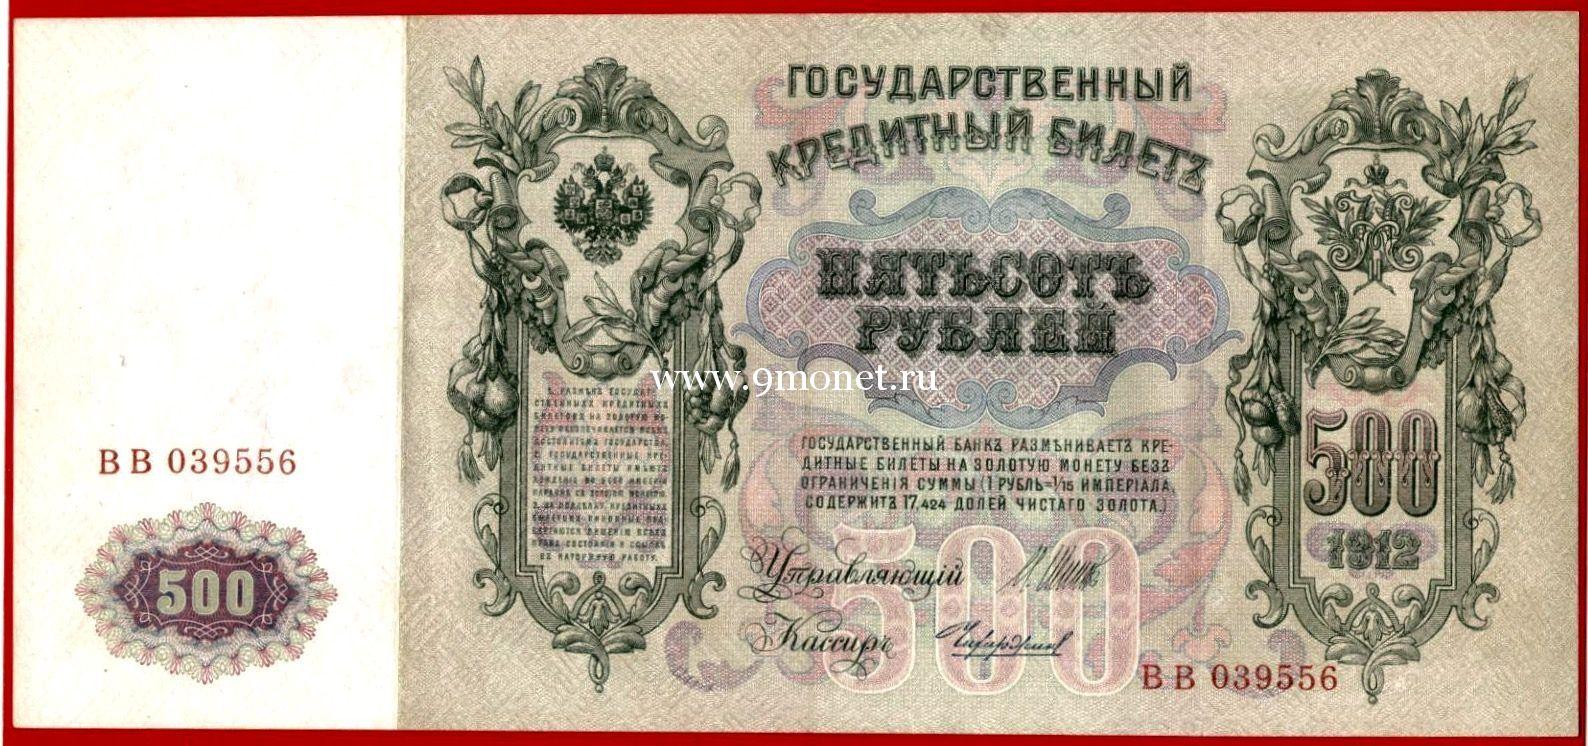 1912 год. Россия. Бакнота 500 рублей. Шипов-Чихиржин.